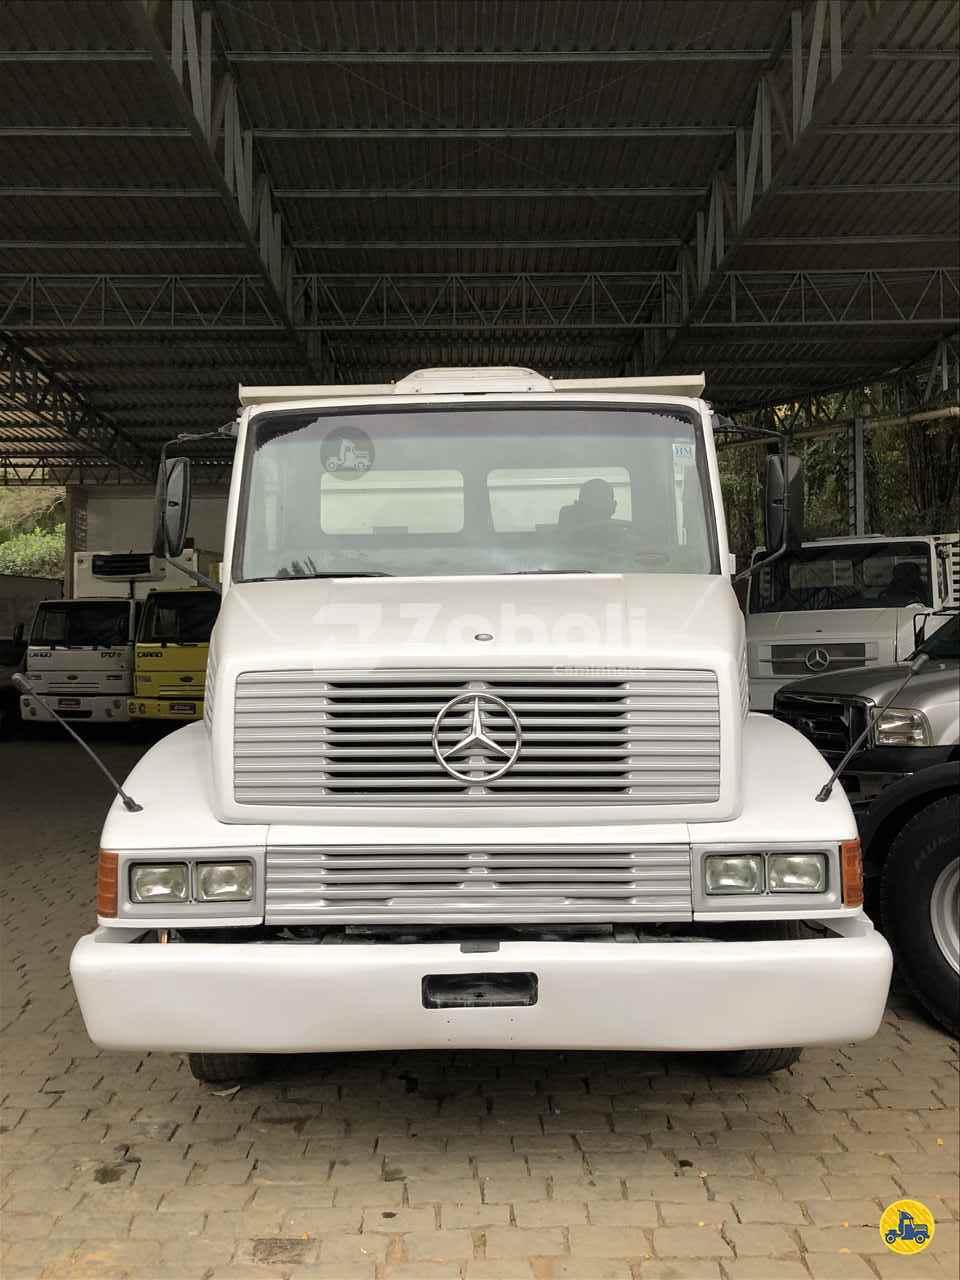 CAMINHAO MERCEDES-BENZ MB 1618 Caçamba Basculante Truck 6x2 Zoboli Caminhões CASTELO ESPÍRITO SANTO ES